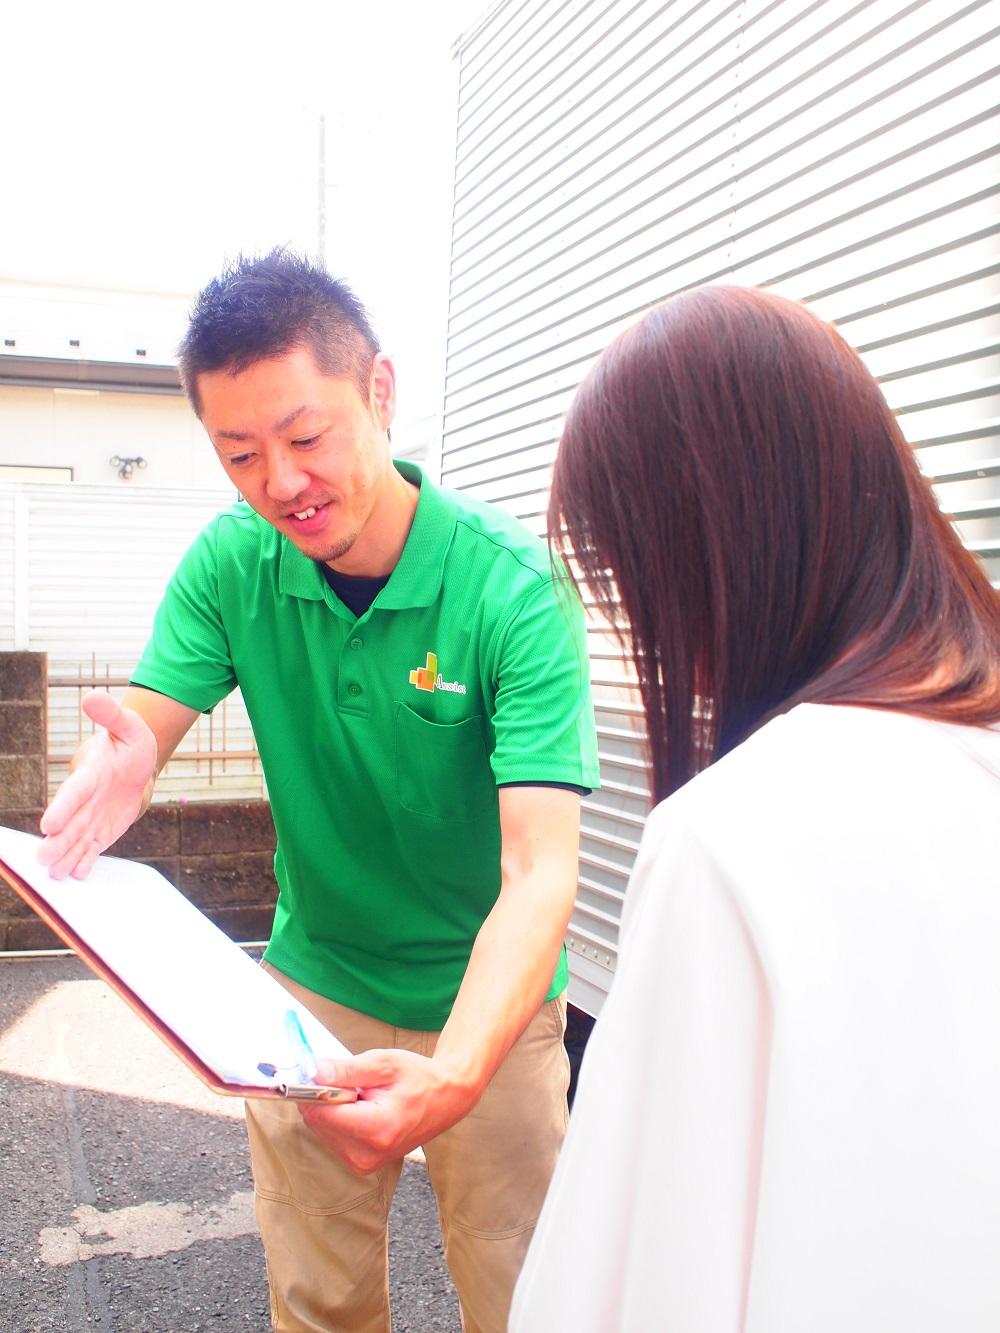 リサイクルショップ 横浜市西区「部屋が片付く!」出張買取はアシスト